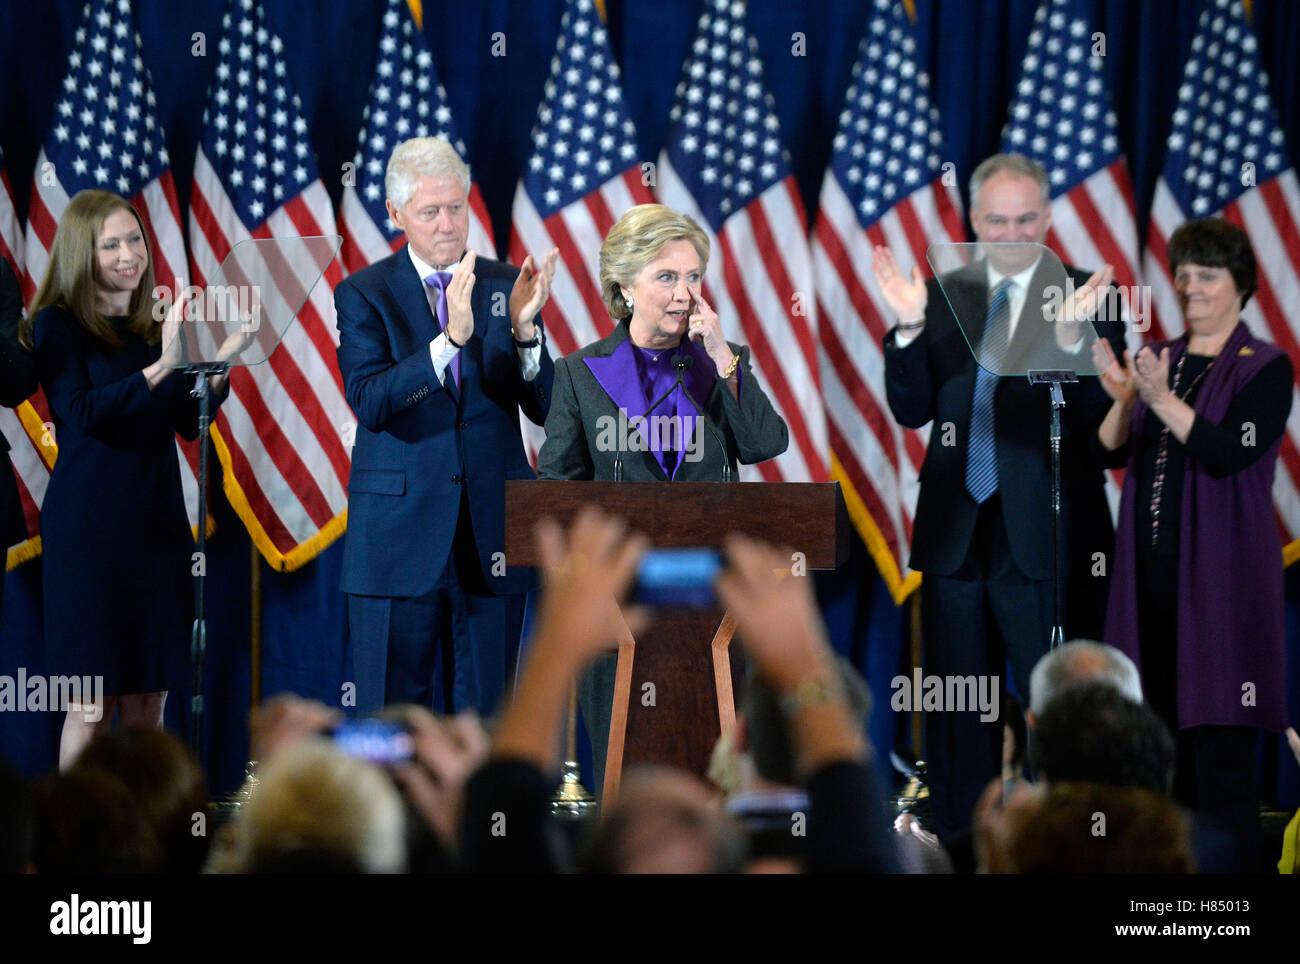 Le candidat démocrate Hillary Clinton prononce son discours de concession mercredi, à partir de l'hôtel Photo Stock